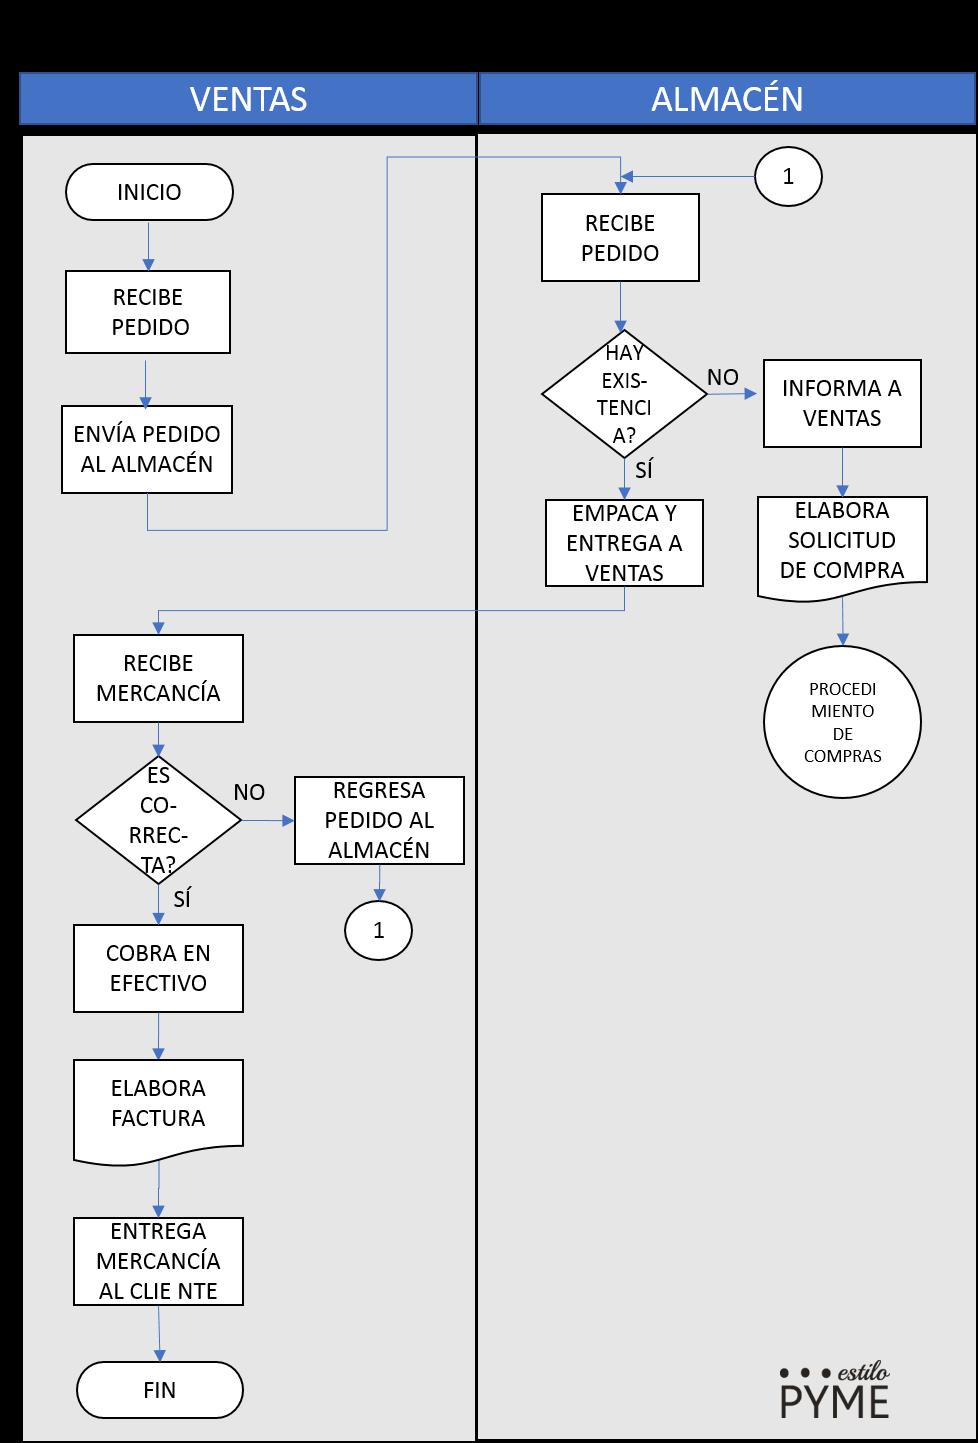 Xls Diagrama De Flujo De Procesos Manual Guide